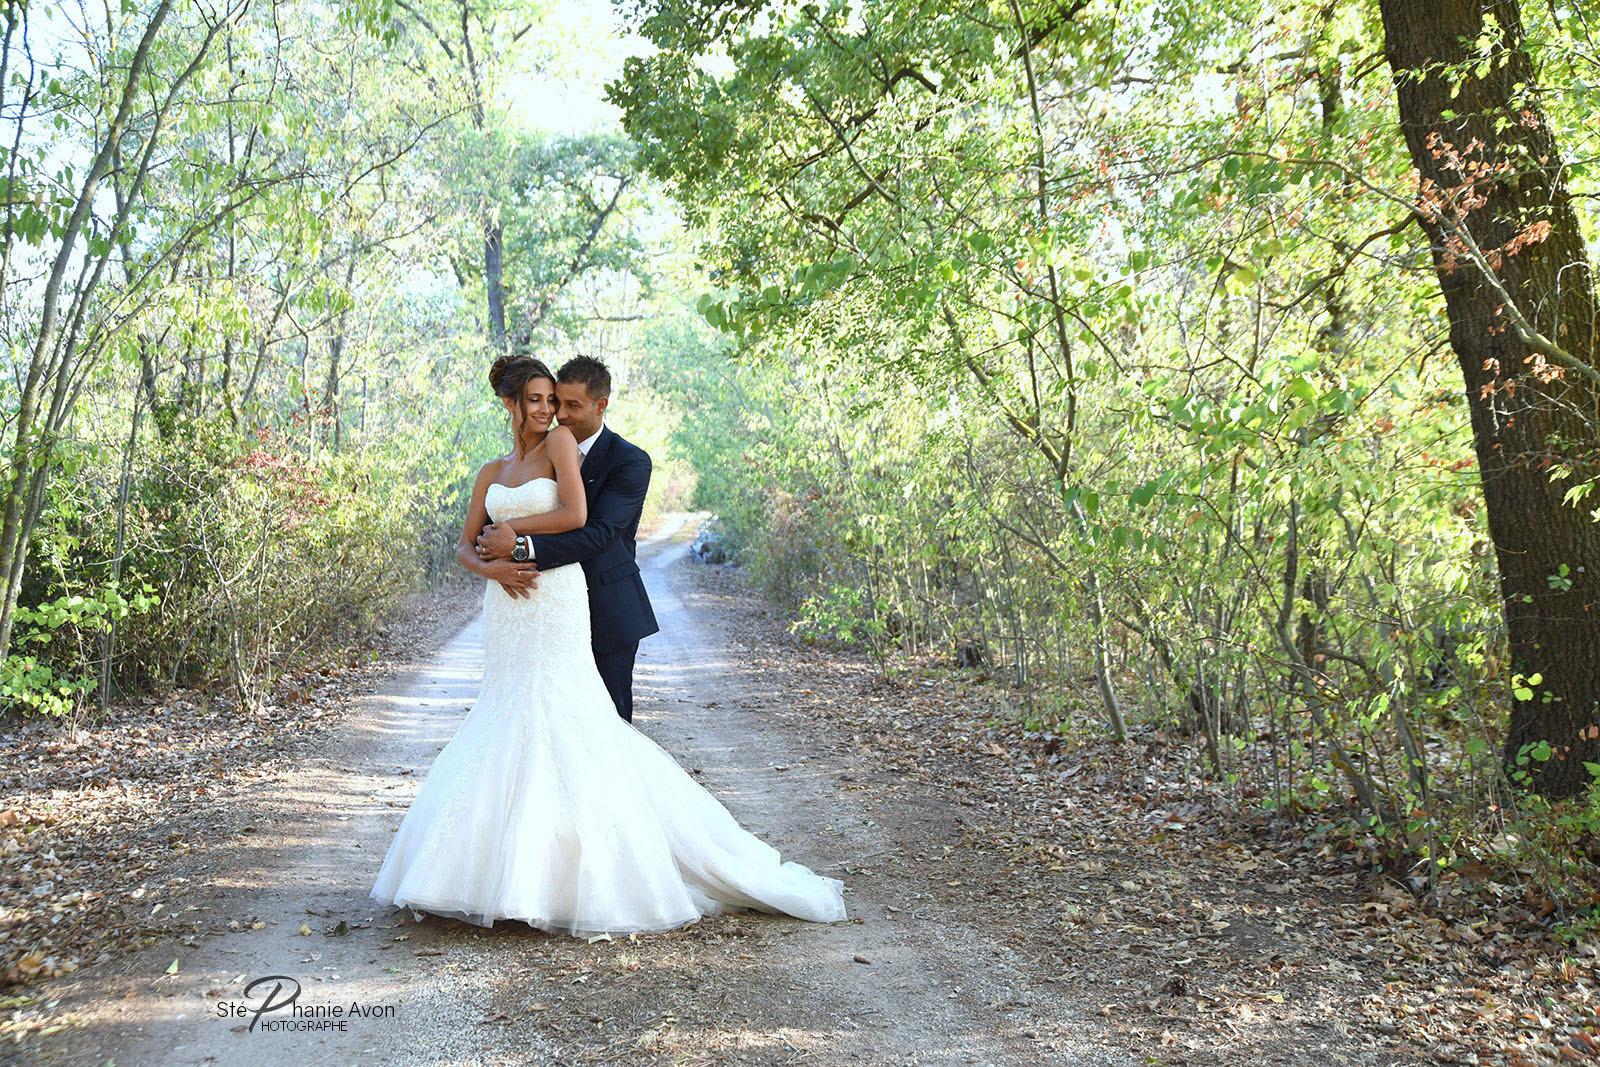 Photographe de mariage à Peyrolles en Provence